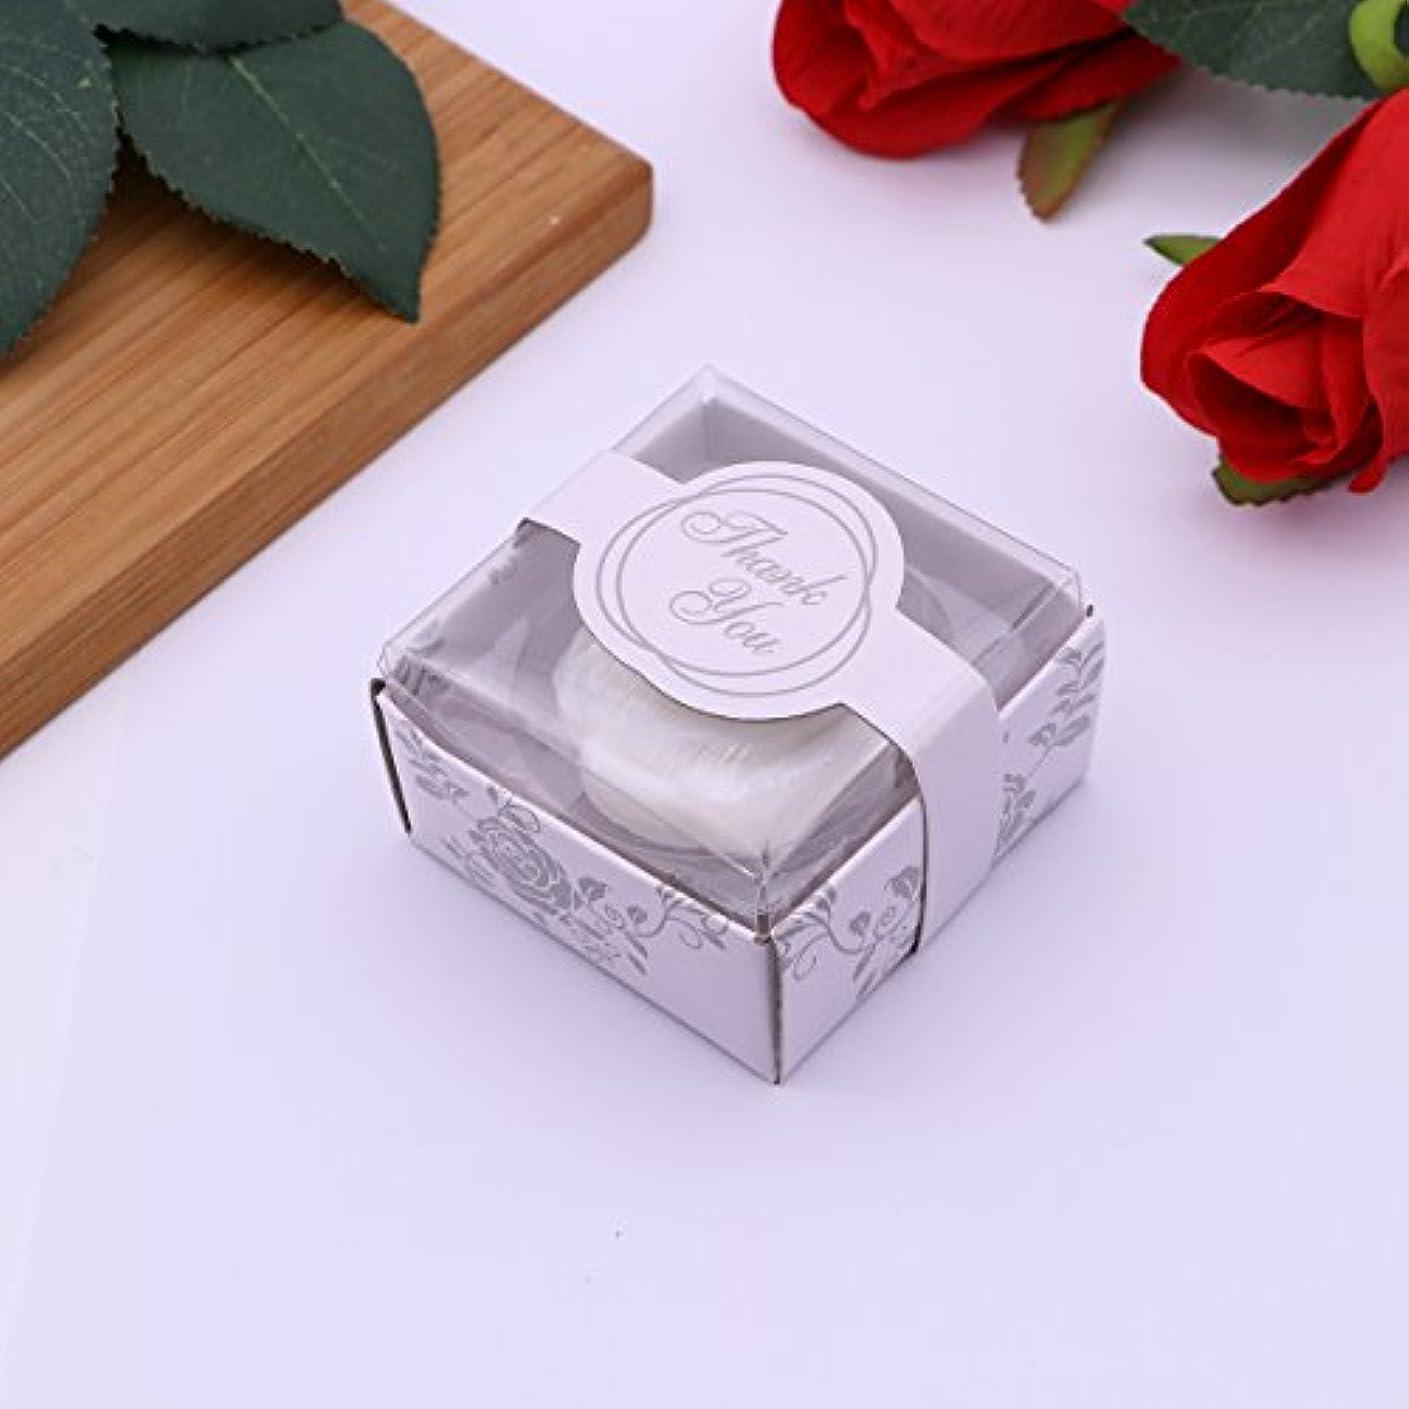 ねばねば中性長椅子Amosfun 手作り石鹸オイルローズフラワーソープアロマエッセンシャルオイルギフト記念日誕生日結婚式バレンタインデー(ホワイト)20ピース